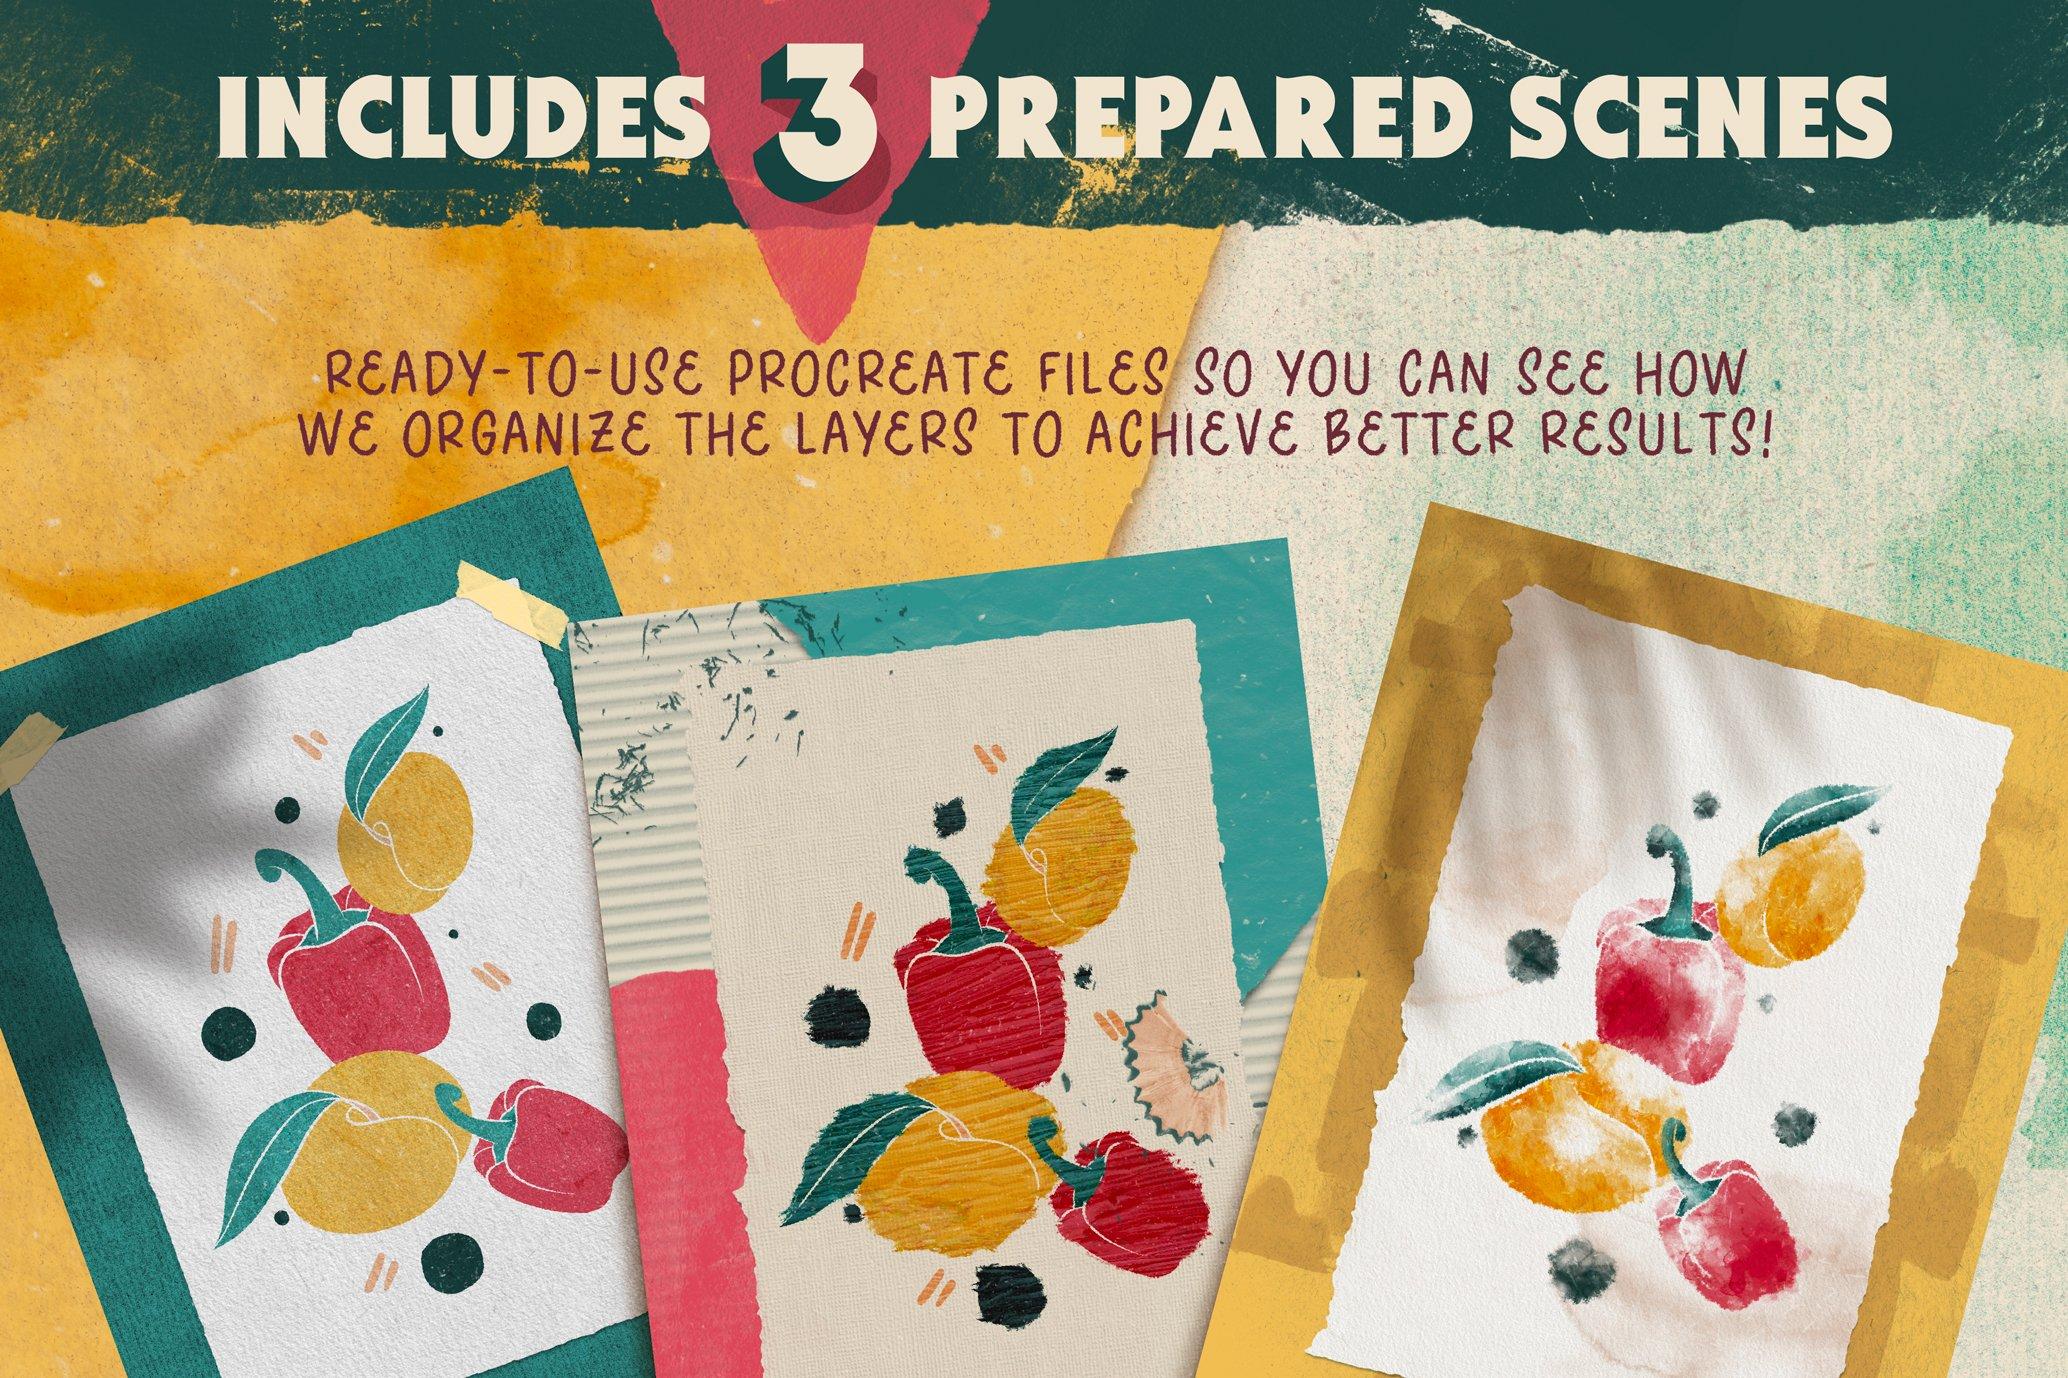 复古做旧颗粒撕纸纸张纹理iPad Procreate笔刷素材套装 The Ultimate Procreate Background Set插图4